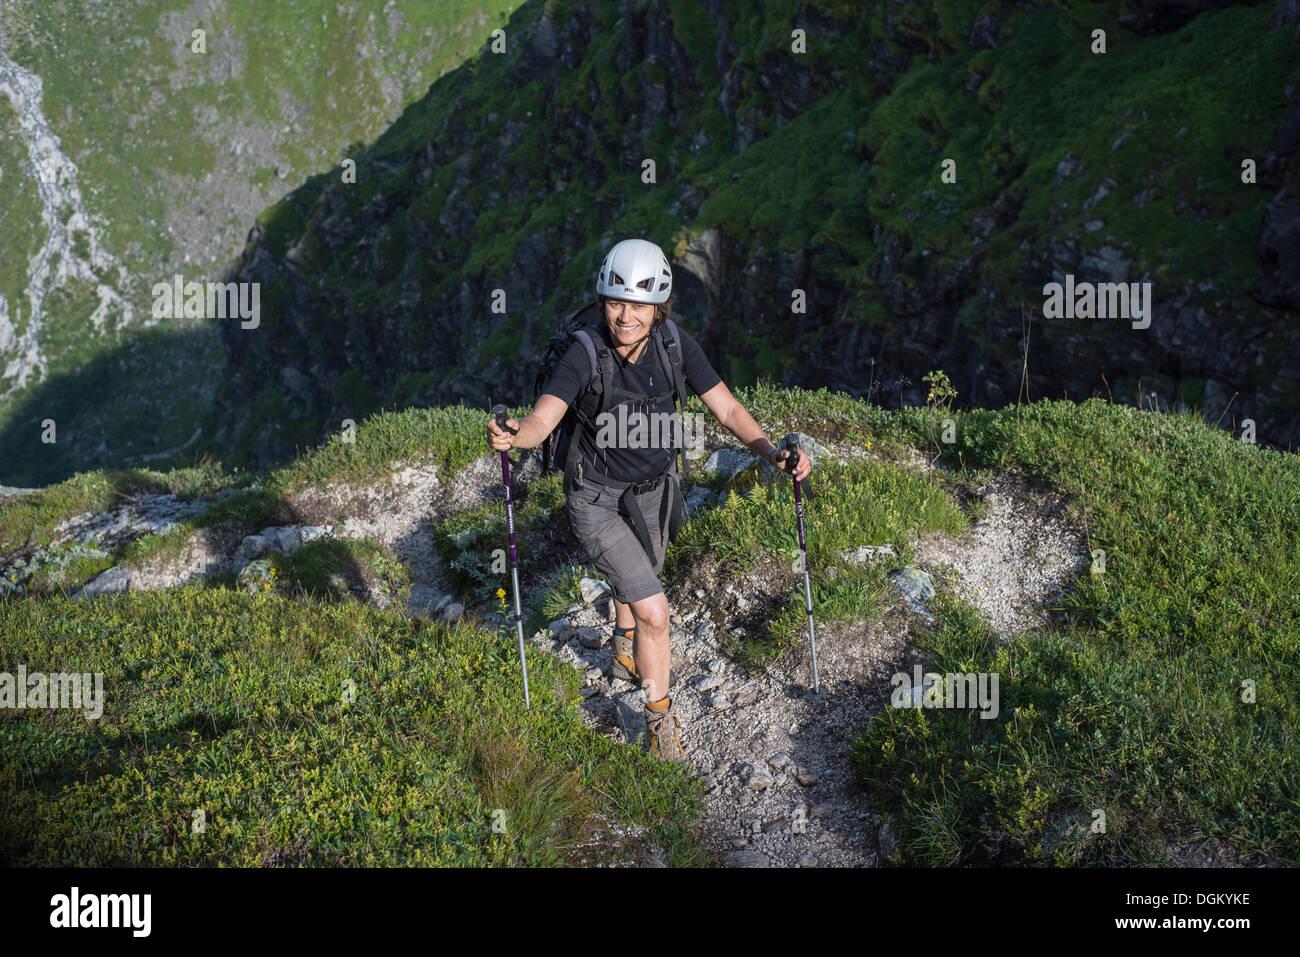 Kletterausrüstung Rucksack : Frau mit einem rucksack felsen klettern helm und wanderstöcke